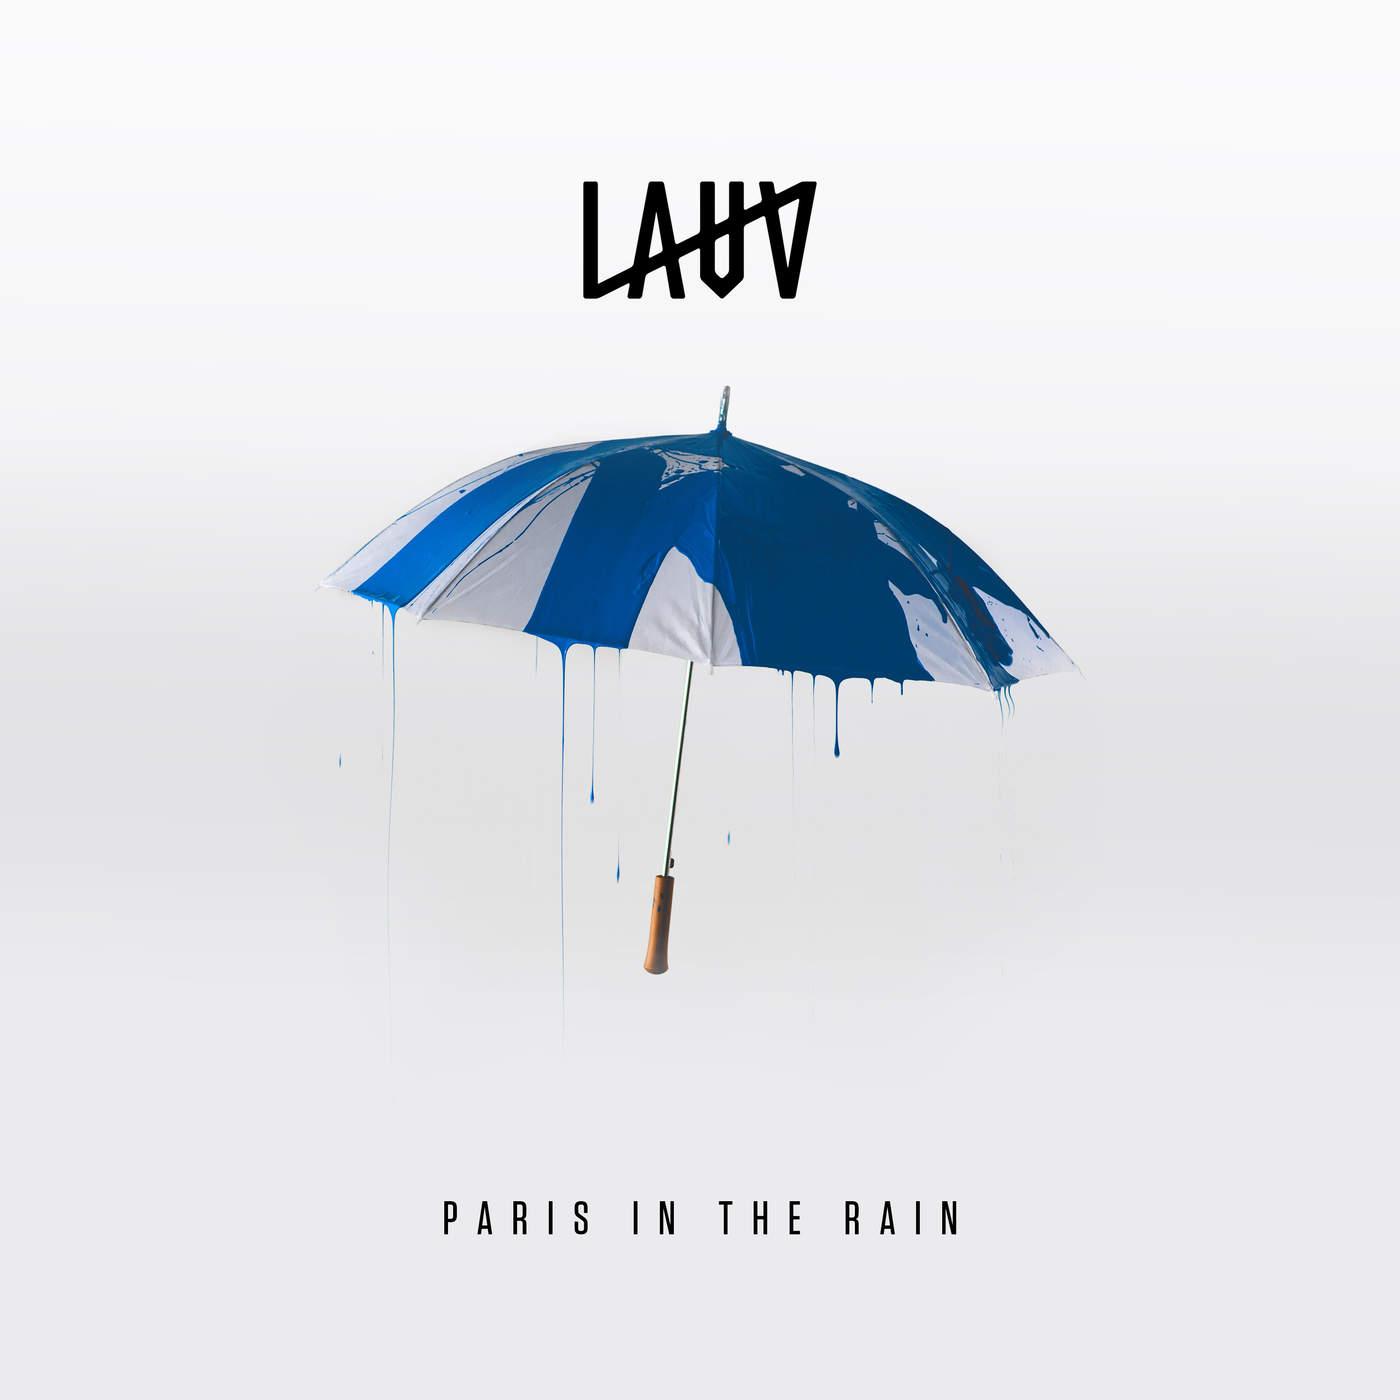 Lauv - Paris in the Rain - Single